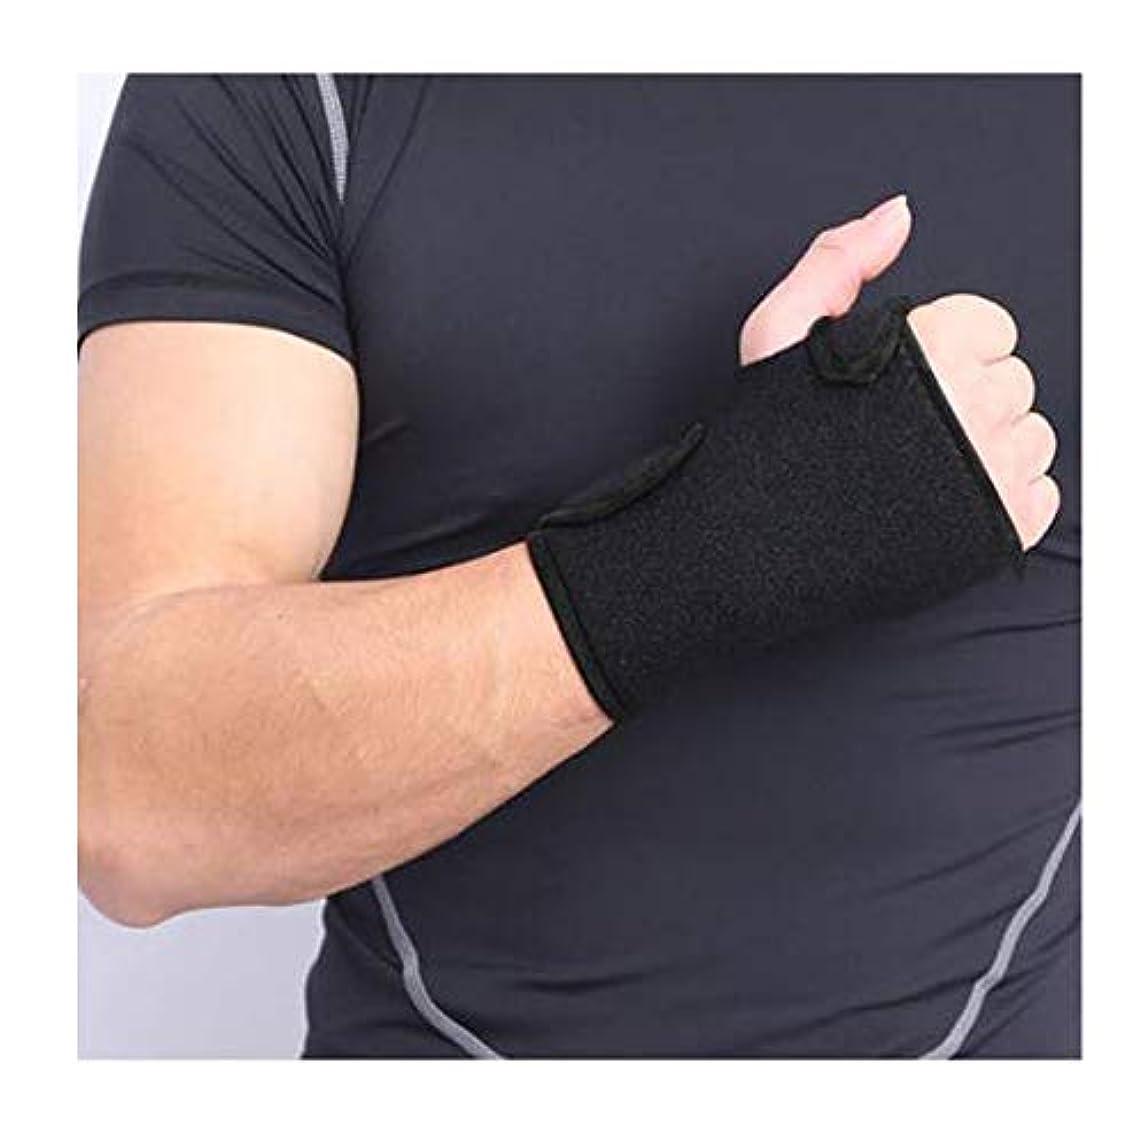 規定かなりのスーパー弾性手首サポート添え木ブレース、手根管、腱炎および捻tunnel用に設計された医師、手根管用クッション付き軽量スプリント,Lefthand